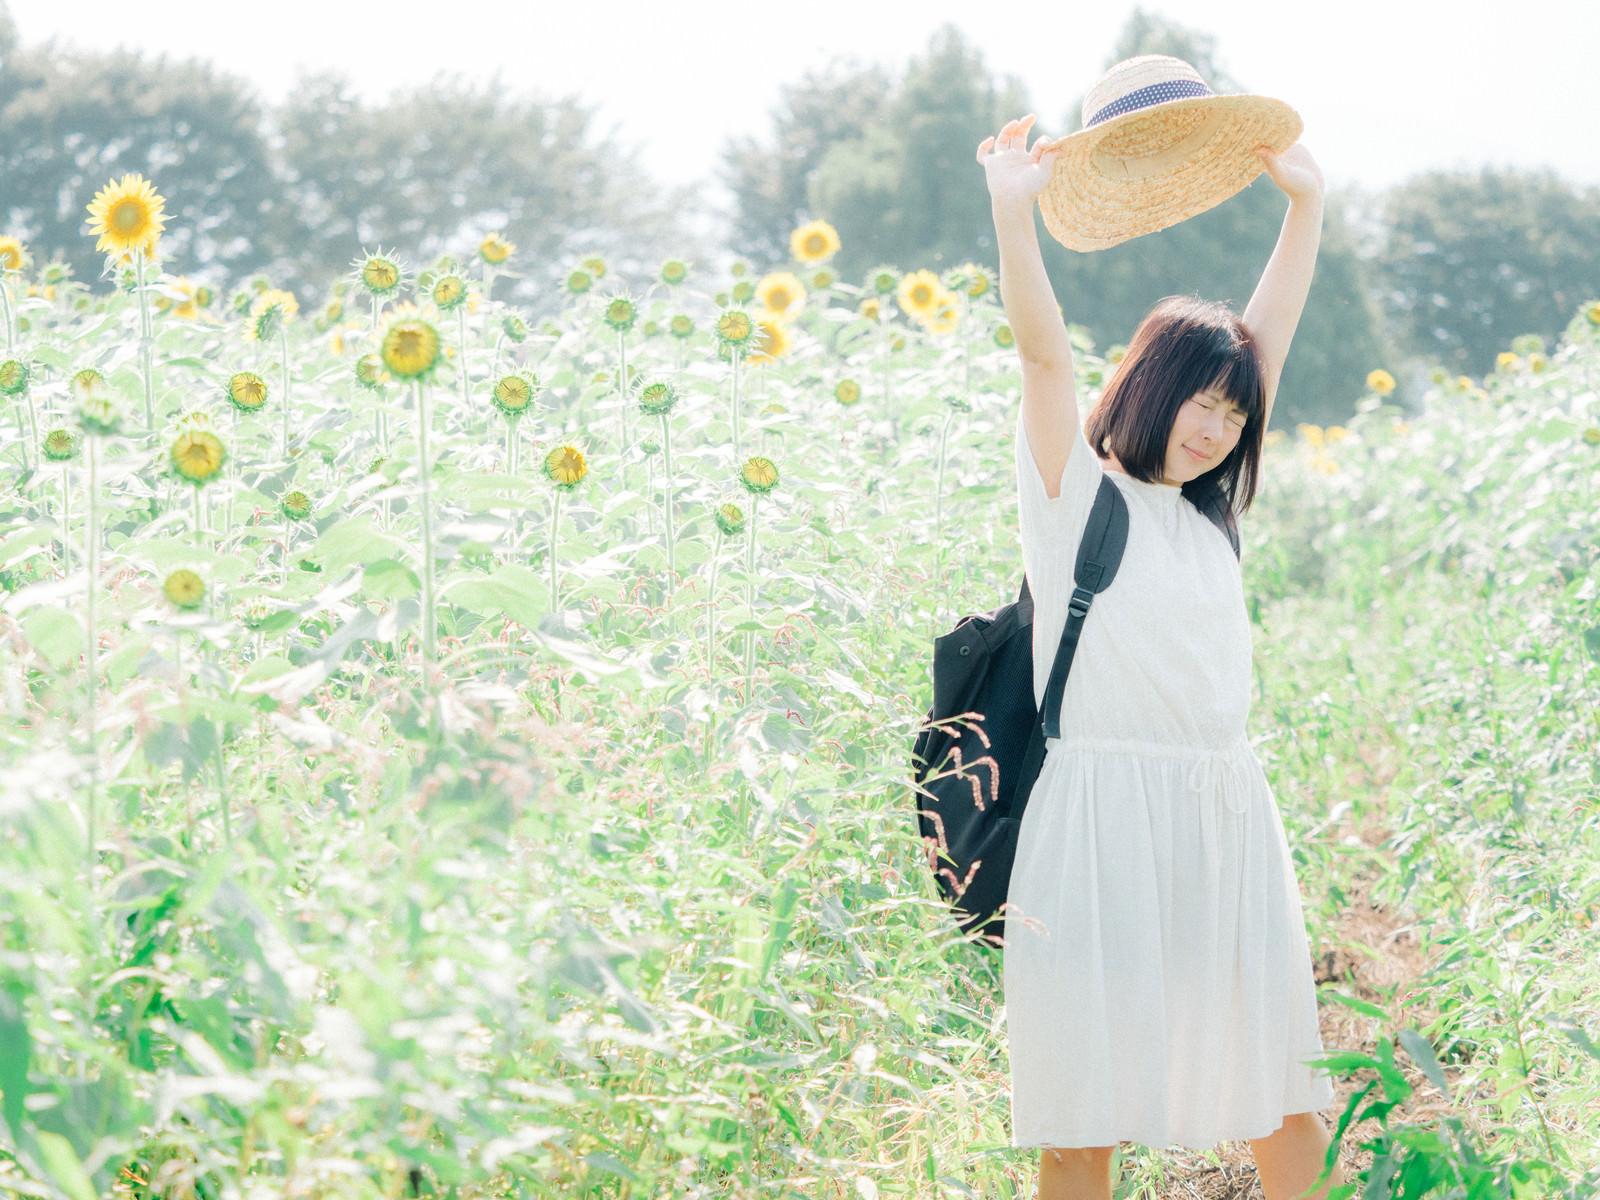 「ひまわり畑で伸びをする女性」の写真[モデル:にゃるる]